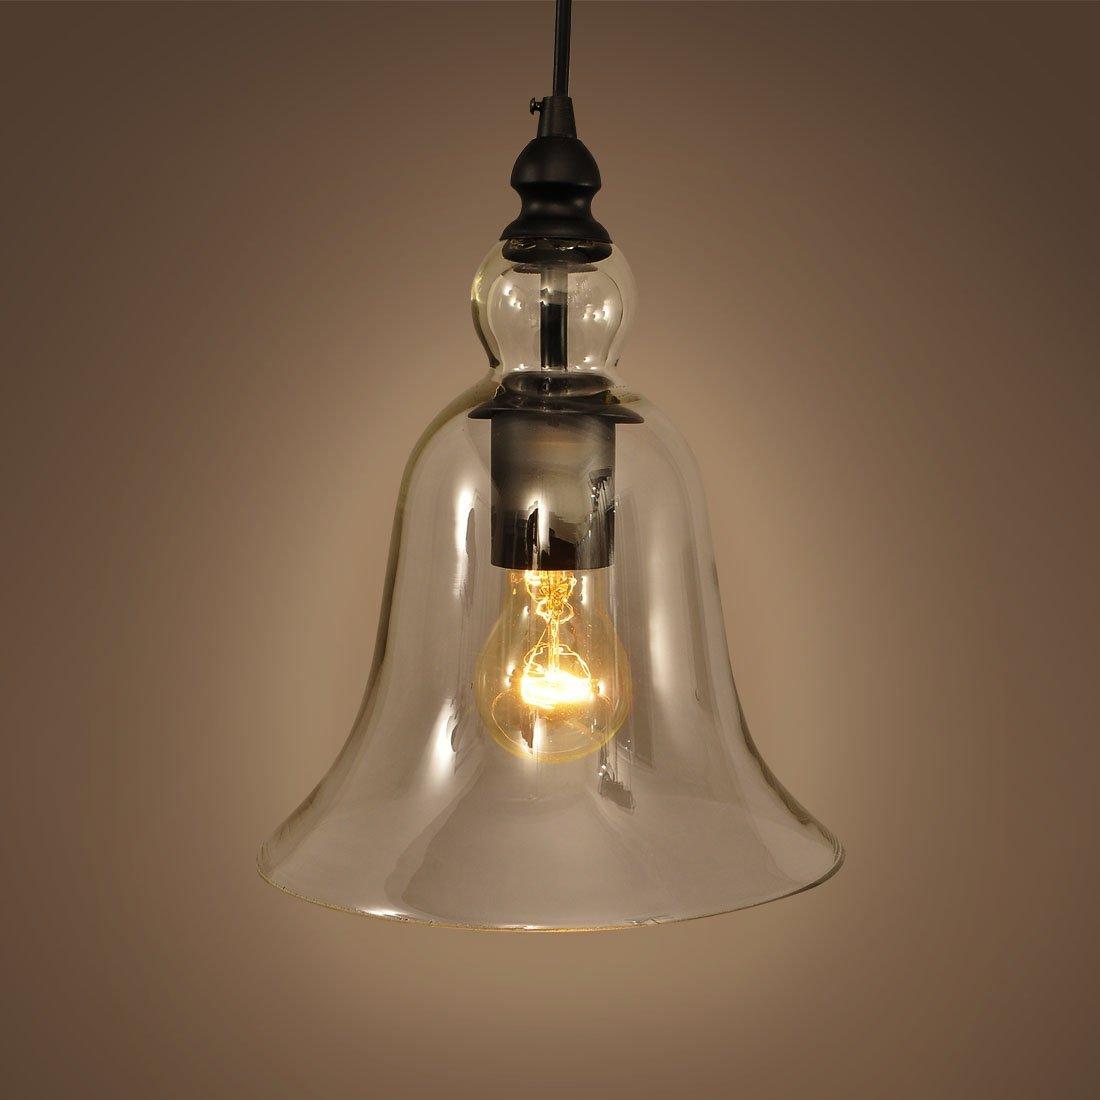 linenandlavender.net: Lighting - New, Antique, One-of-a-Kind